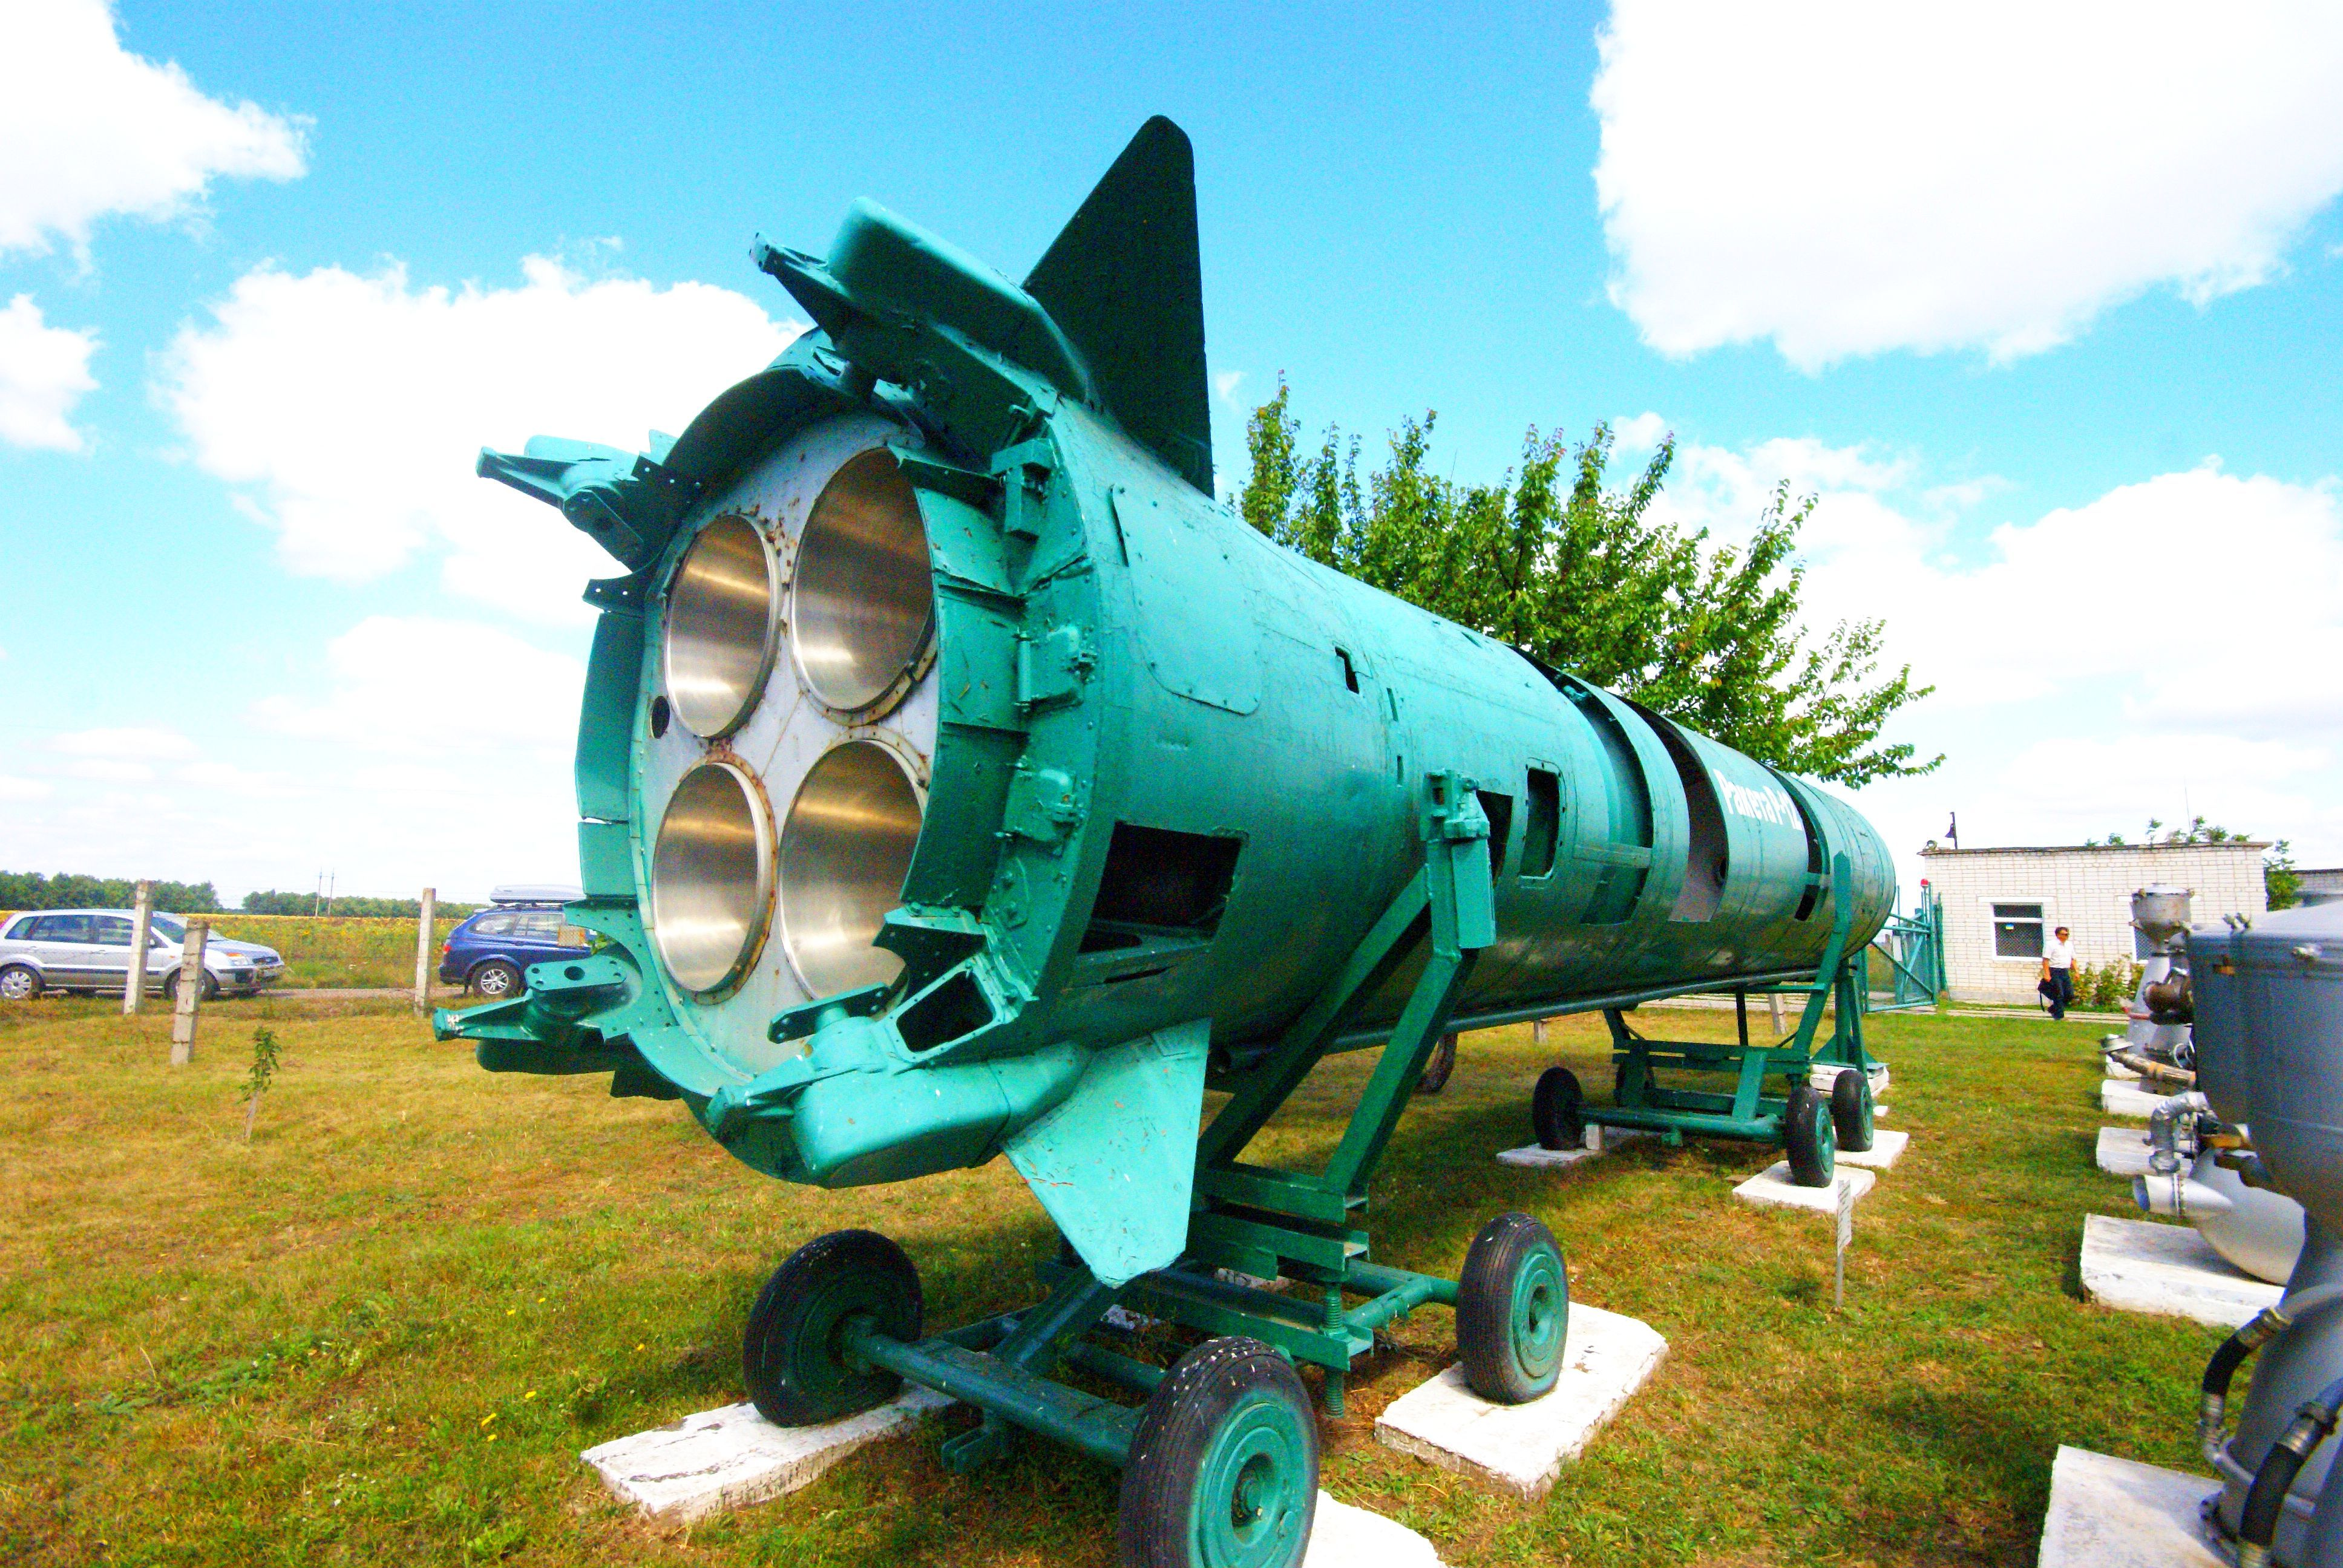 """Результаты поиска изображений для запроса """"missile forces museum ukraine"""""""